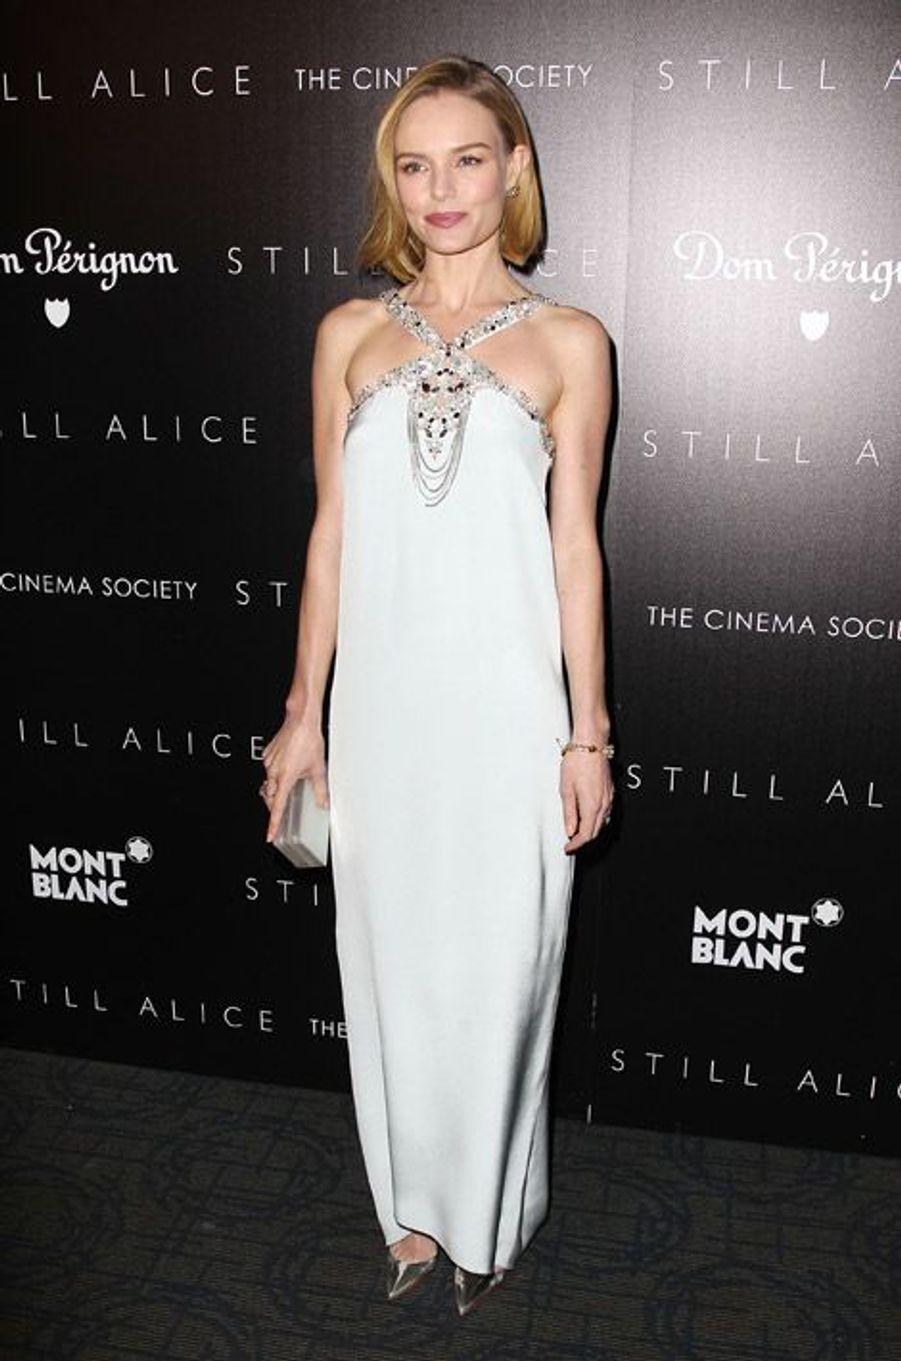 """Kate Bosworth en Oscar de la Renta pour la première de """"Still Alice"""" à New York, le 13 janvier 2015"""